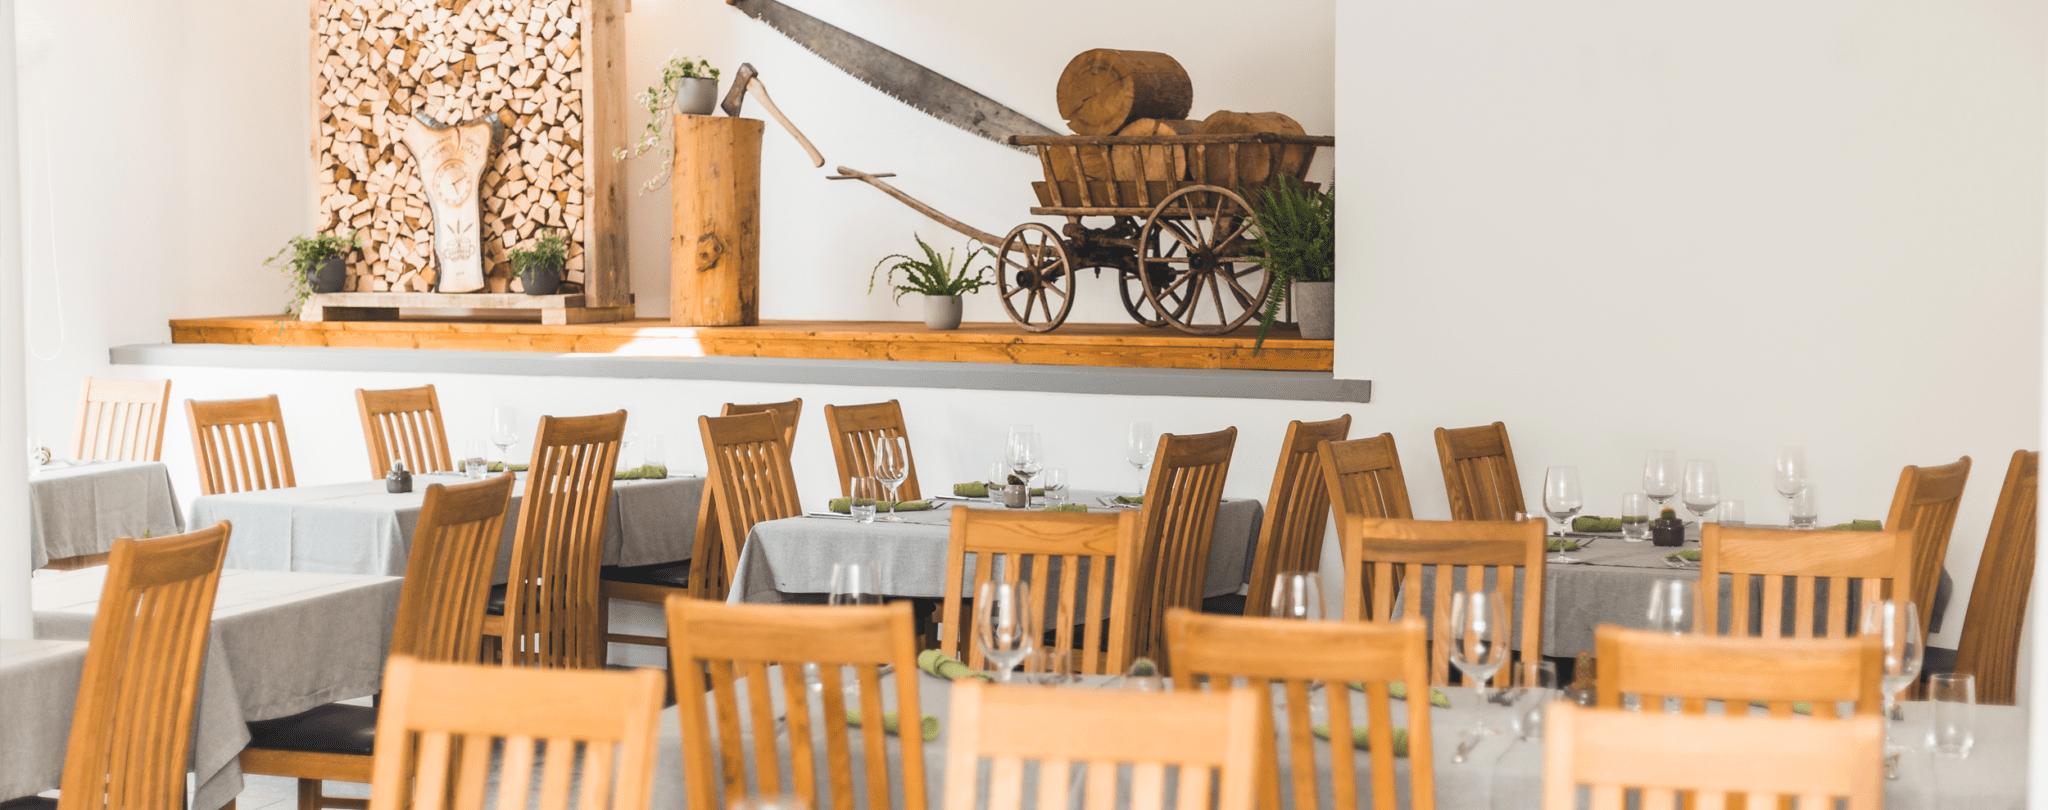 restaurant_saege_slider_restaurant_innen3